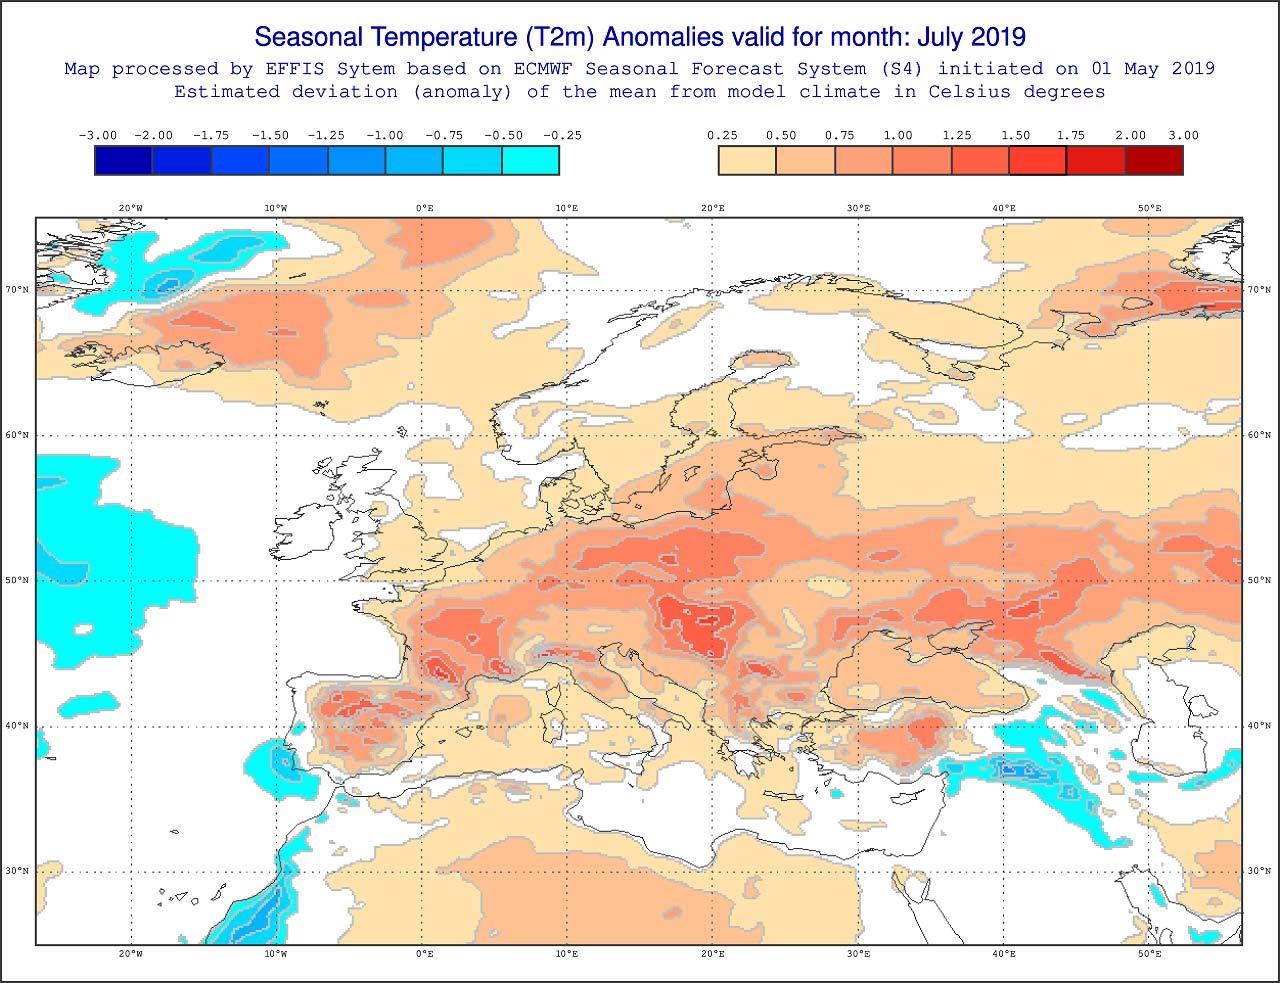 Anomalie di temperatura previste dal modello ECMWF per luglio 2019 - effis.jrc.ec.europa.eu.jpg